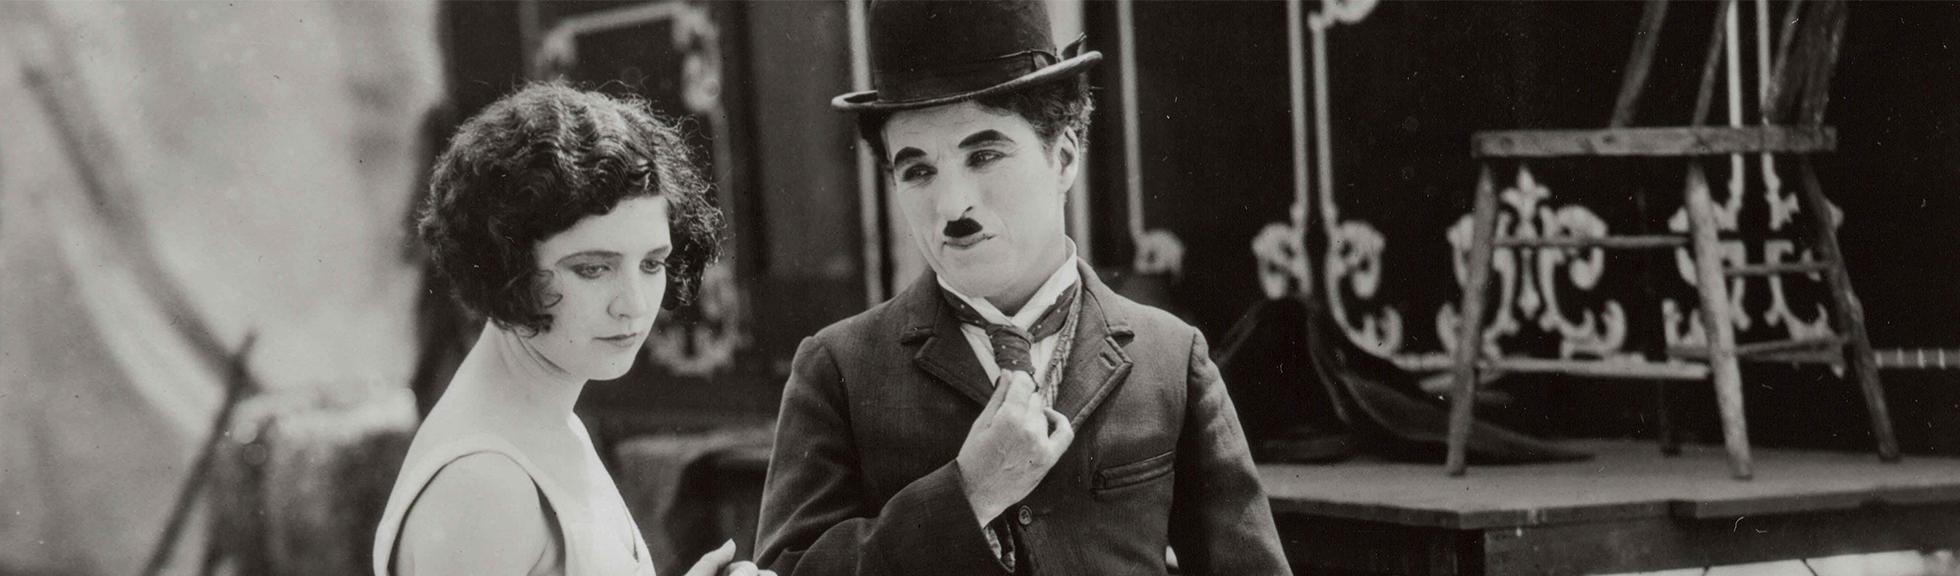 Chaplinov 'Cirkus' uz pratnju Zagrebačke filharmonije u kinu Europa